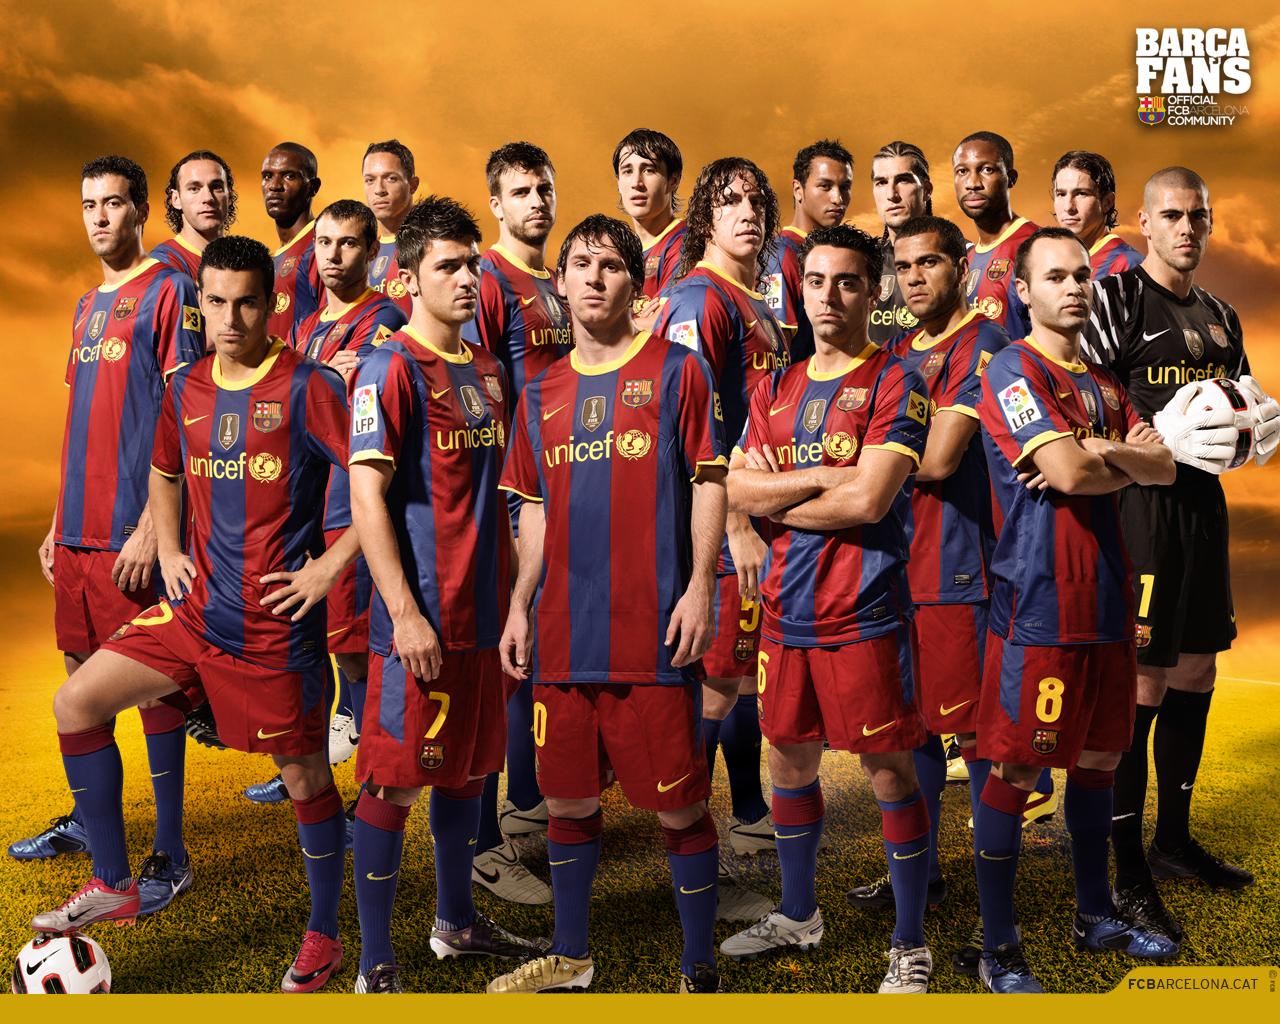 Fan Club Barcelona